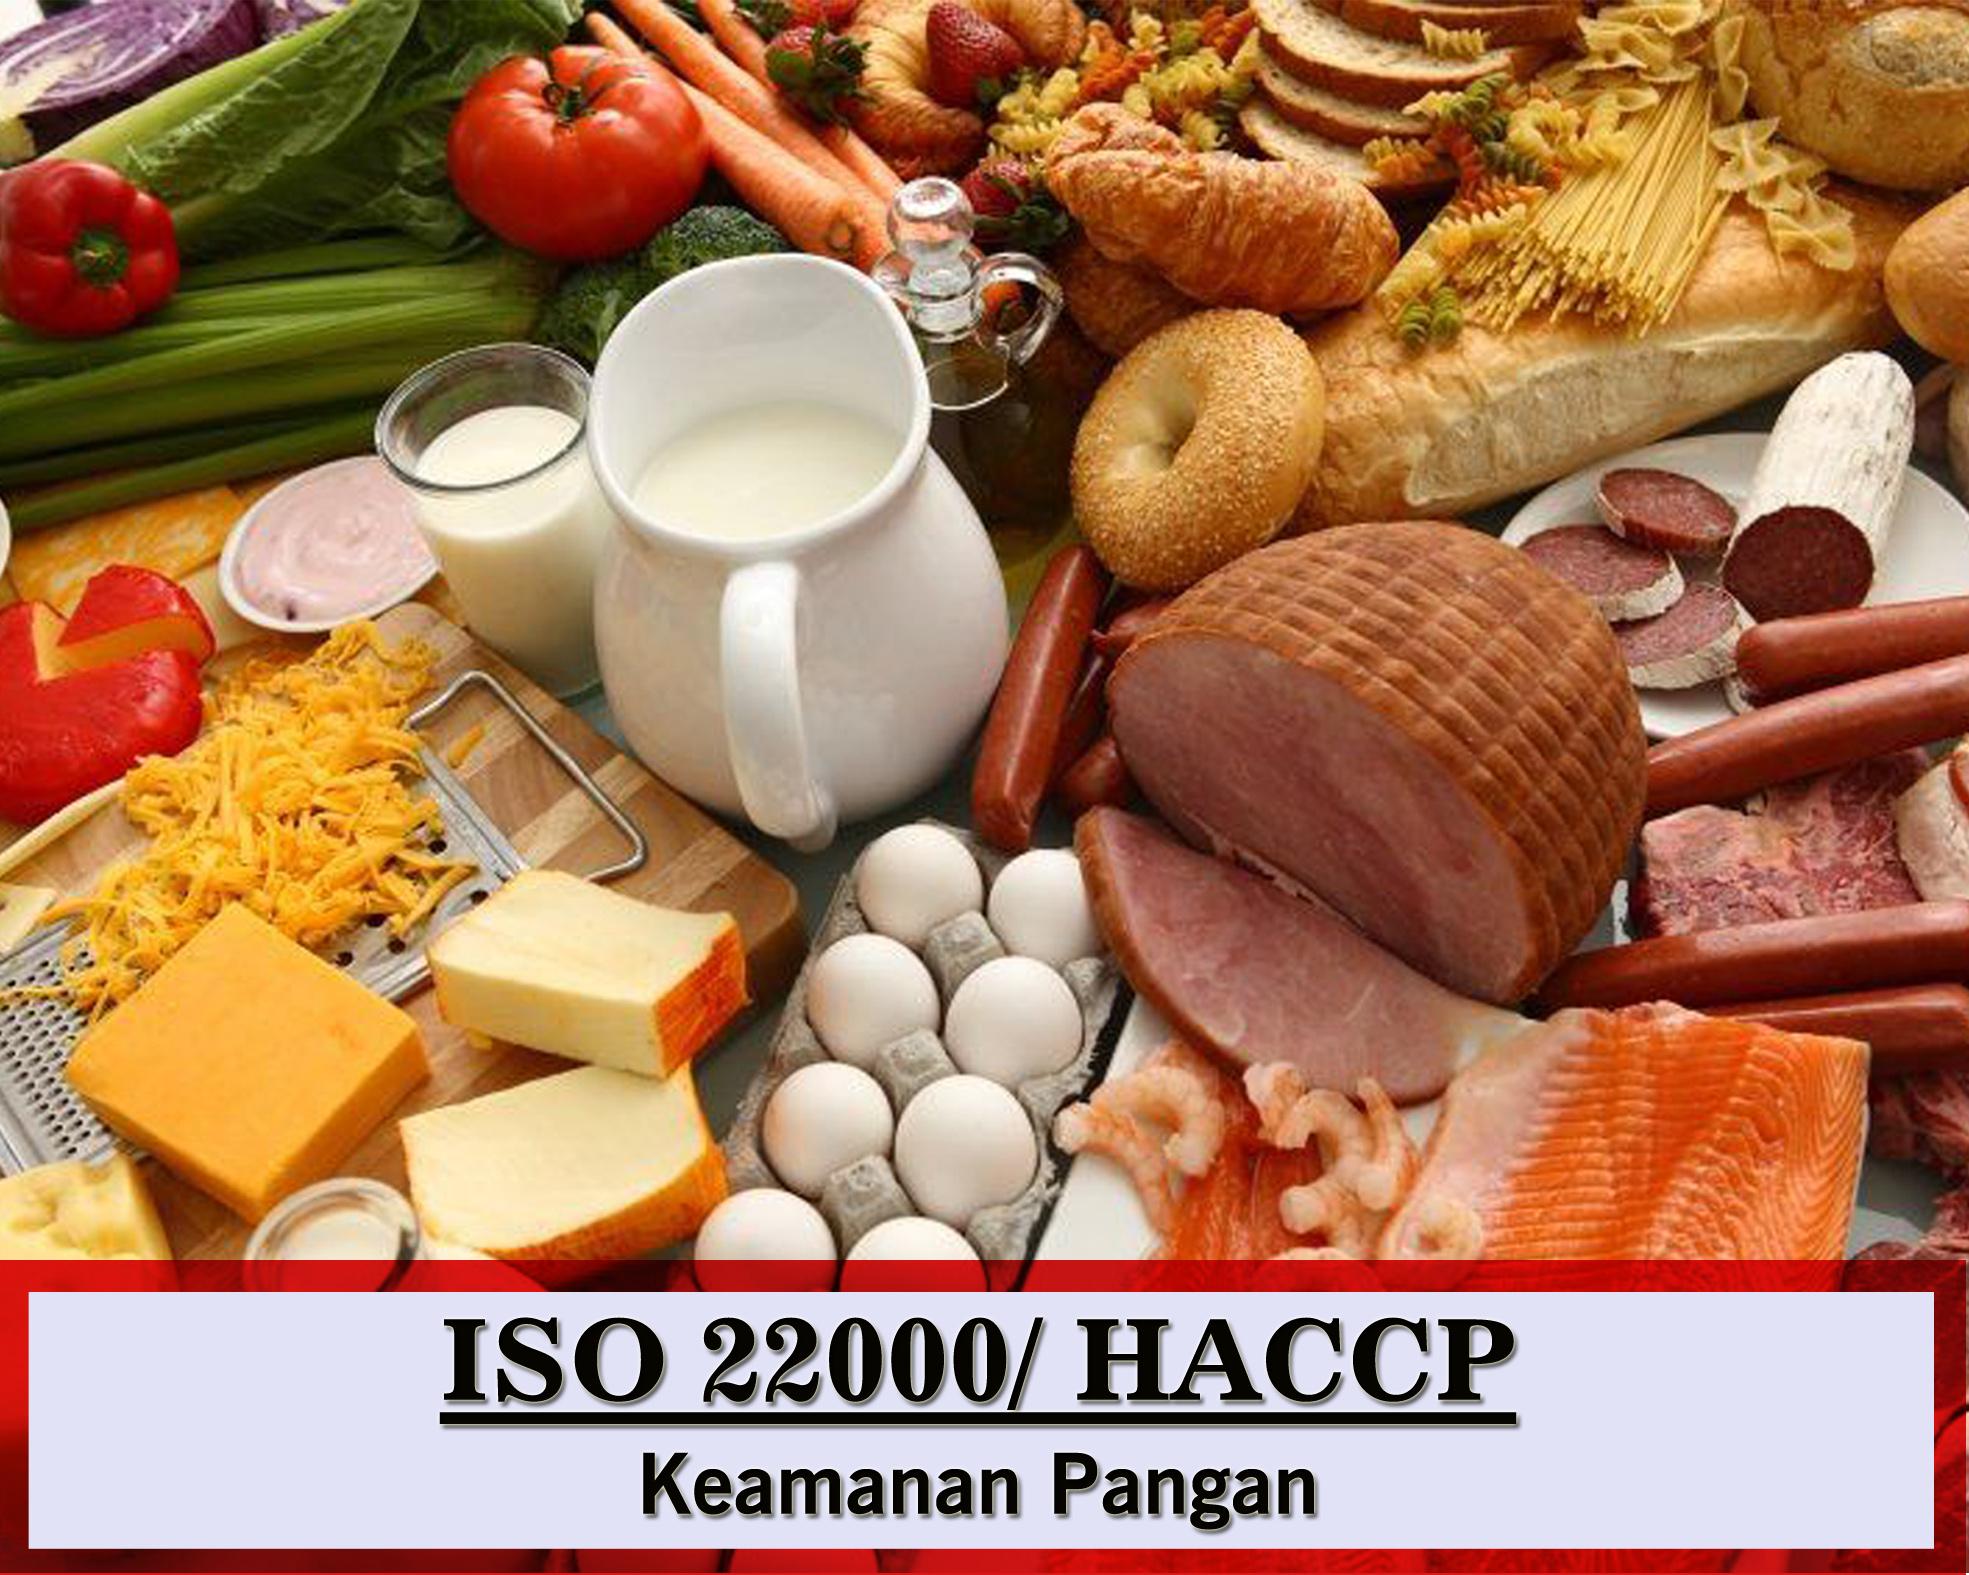 iso-22000-haccp